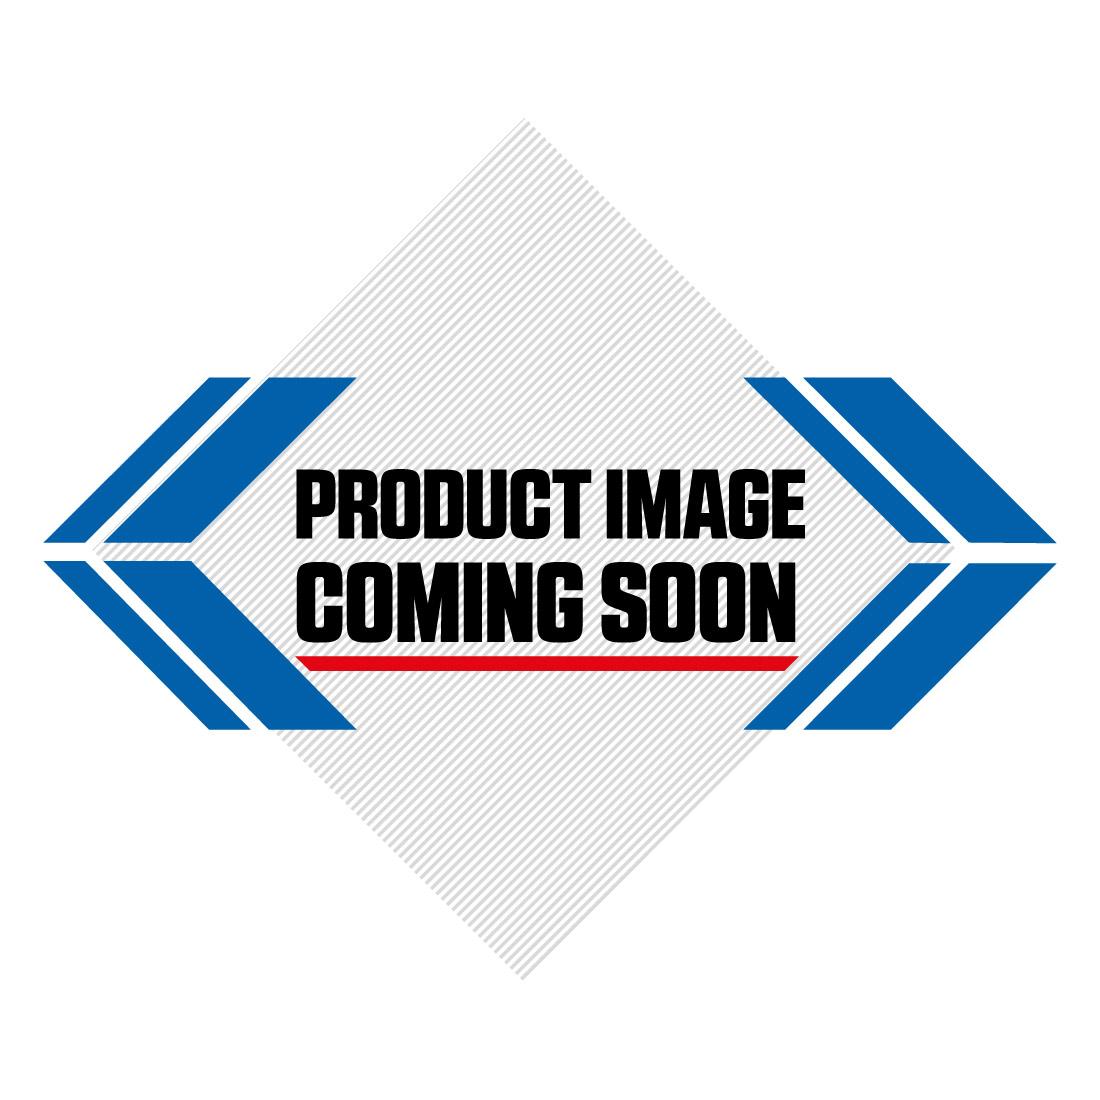 UFO KTM Plastic Kit OEM Factory (2017) Image-3>